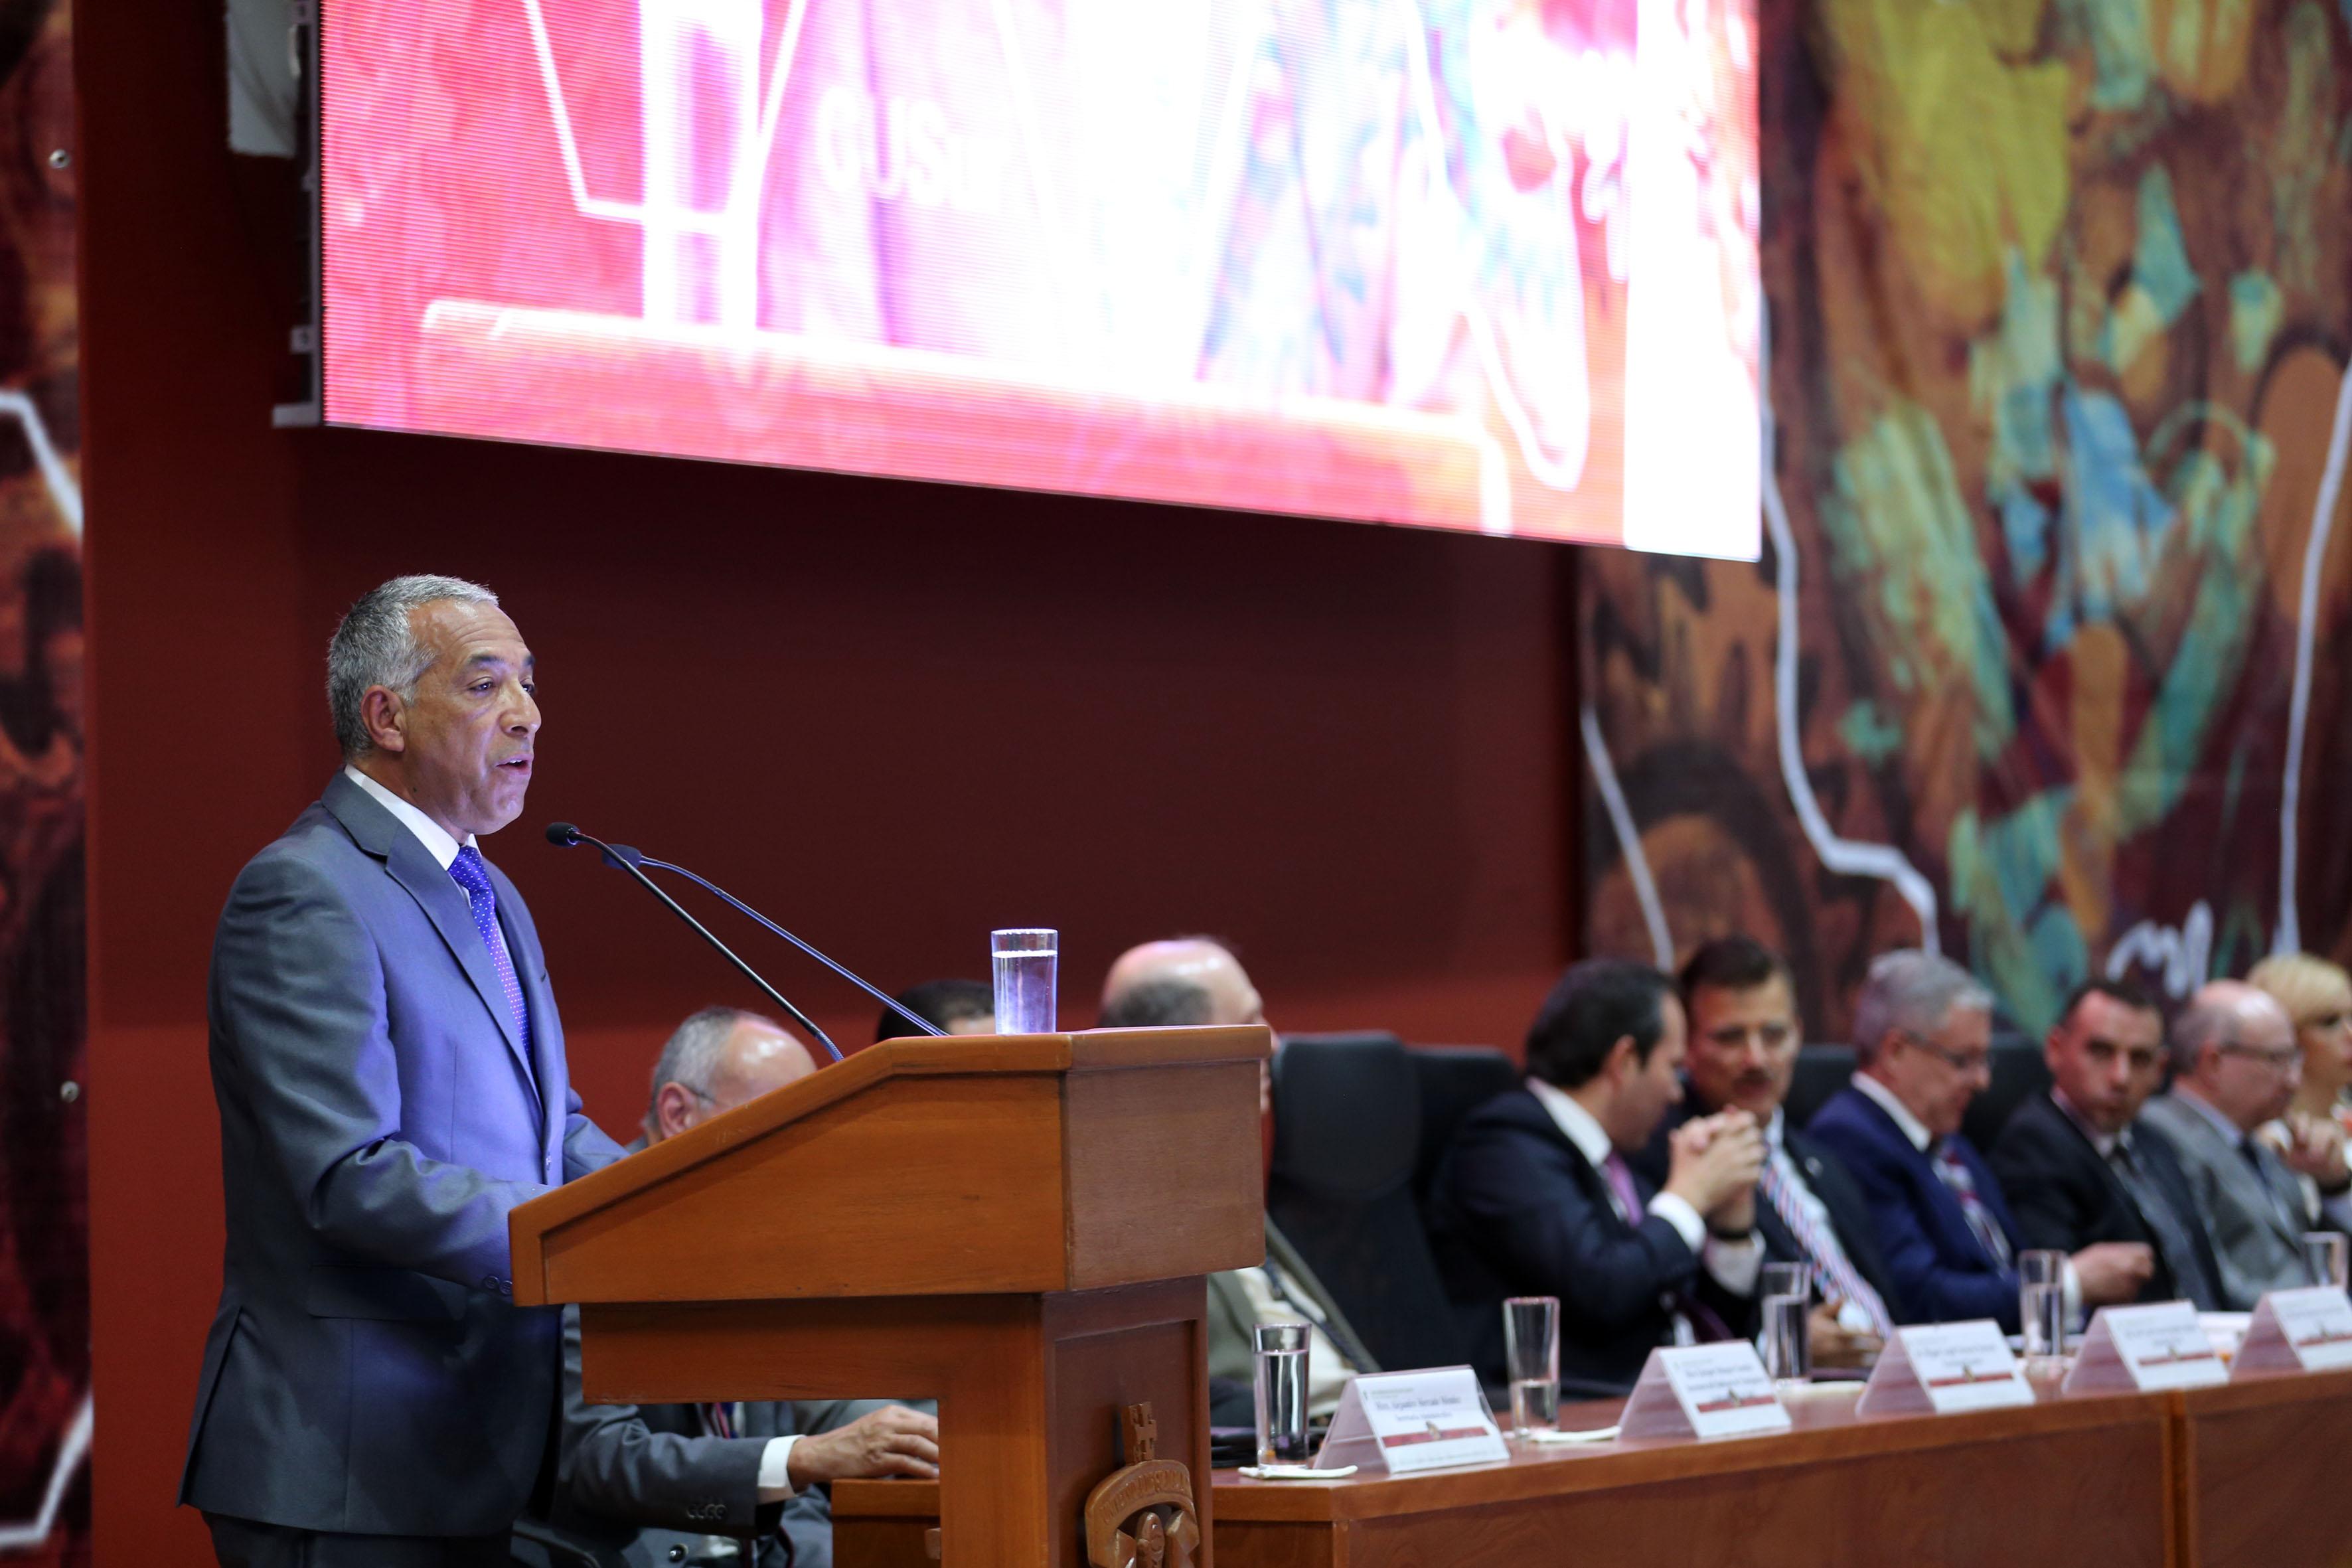 maestro Ricardo Xicoténcatl García Cauzor, Rector del CUSur, en el podio